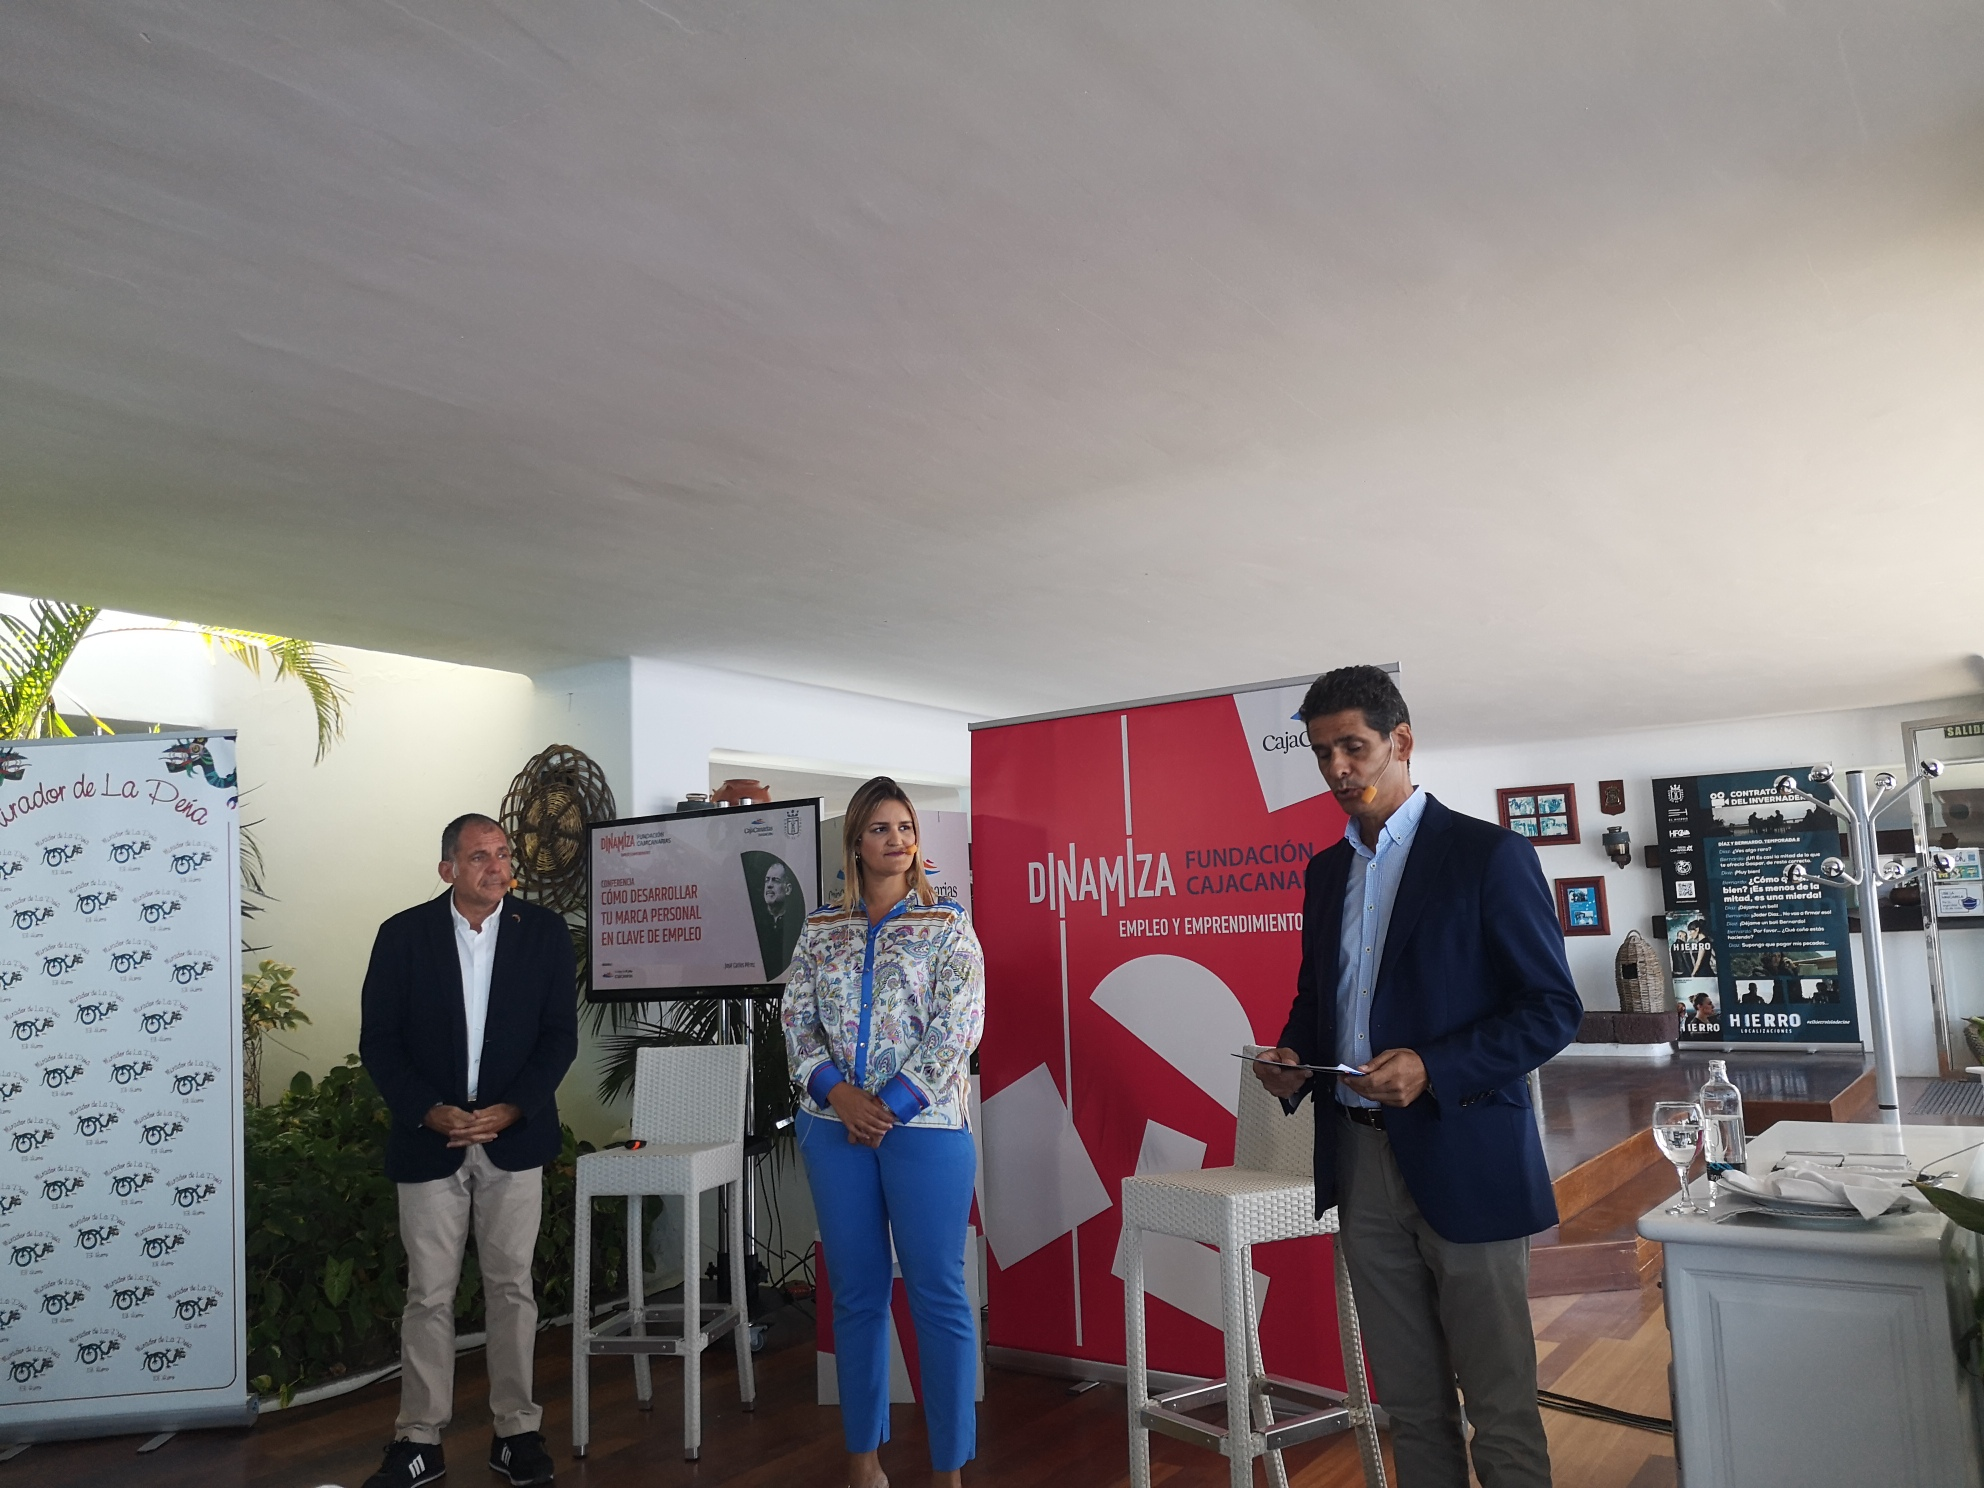 Programa Dinamiza Empleo y Emprendimiento de Fundación CajaCanarias llega a El Hierro / CanariasNoticias.es